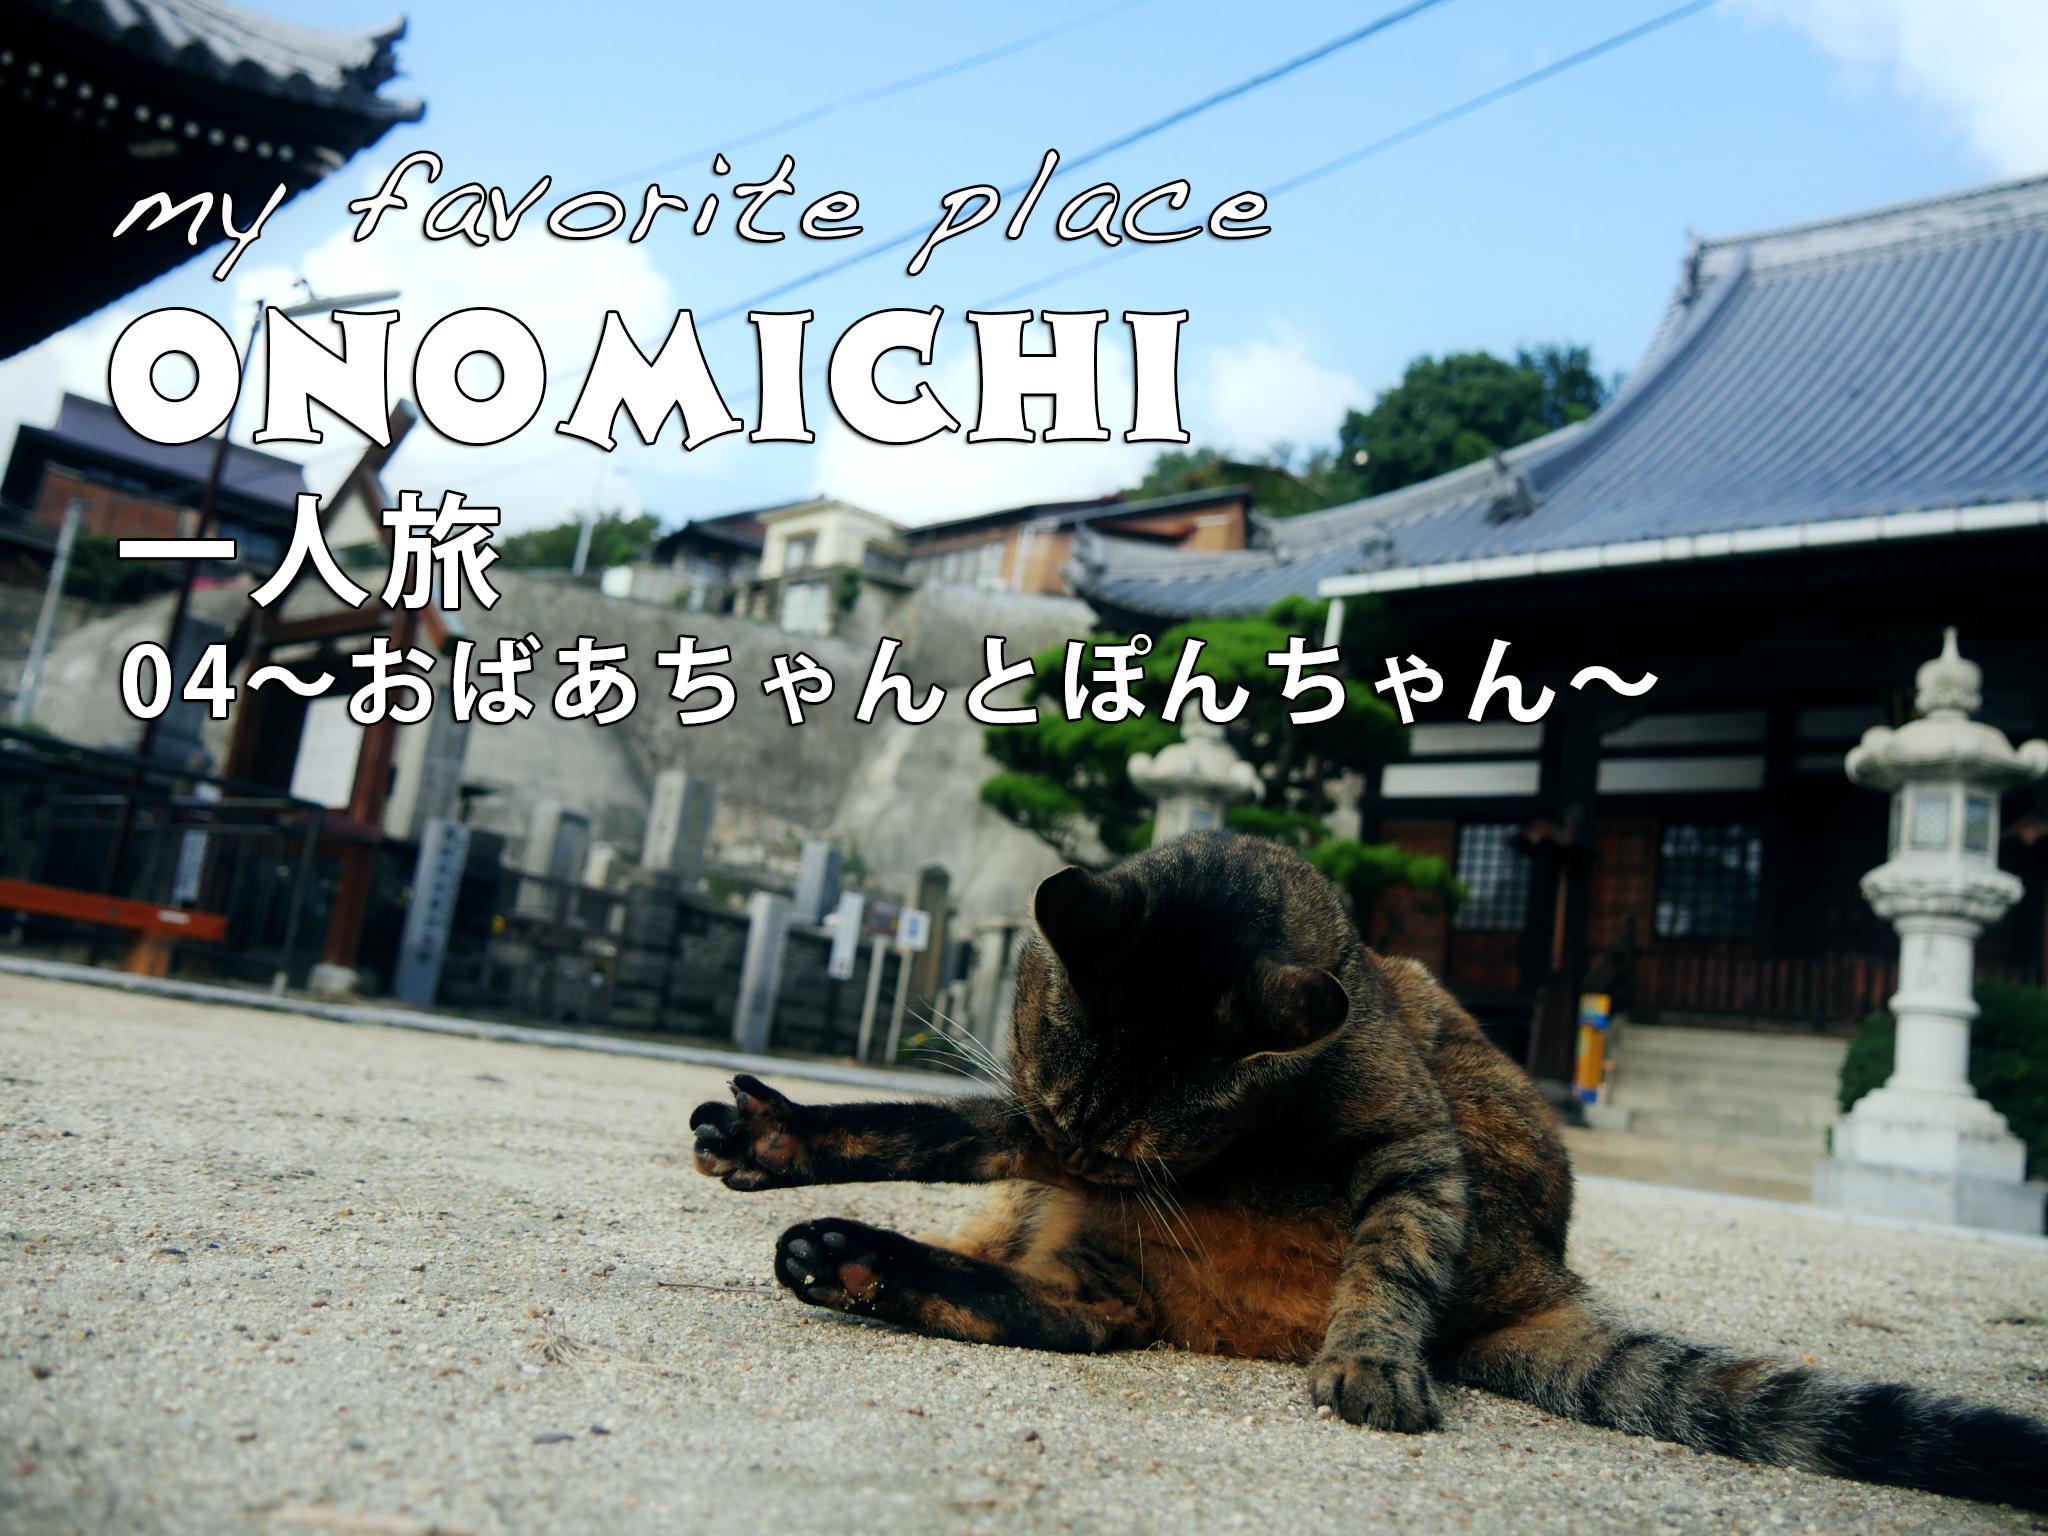 好きな場所:尾道へ一人旅に出ました。の巻04〜おばあちゃんとぽんちゃん〜